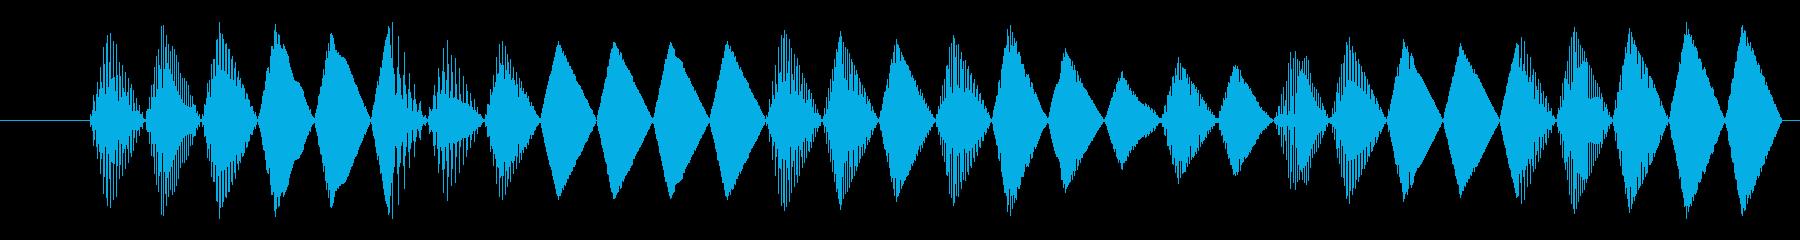 FX レーザーガン03の再生済みの波形